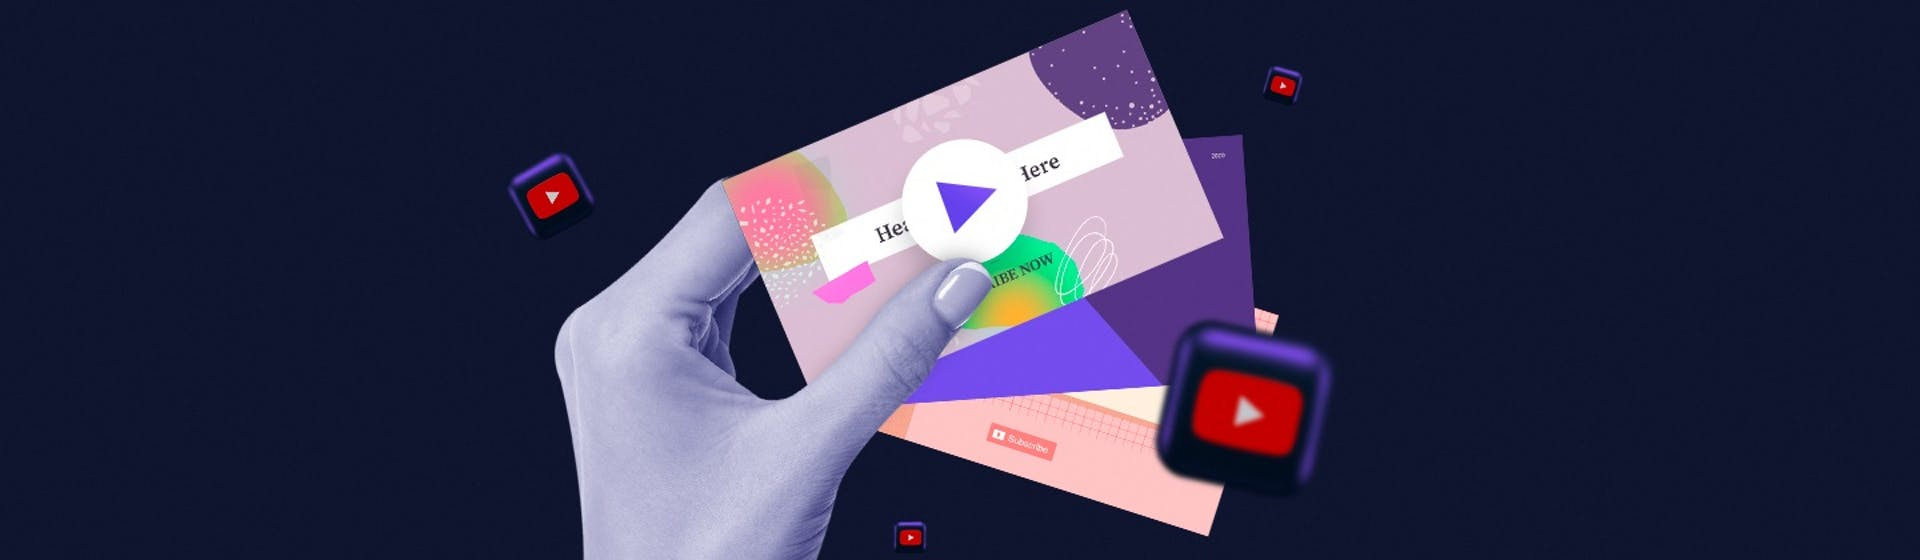 ¿Cómo poner miniaturas en Youtube? ¡Una buena impresión genera suscripción!